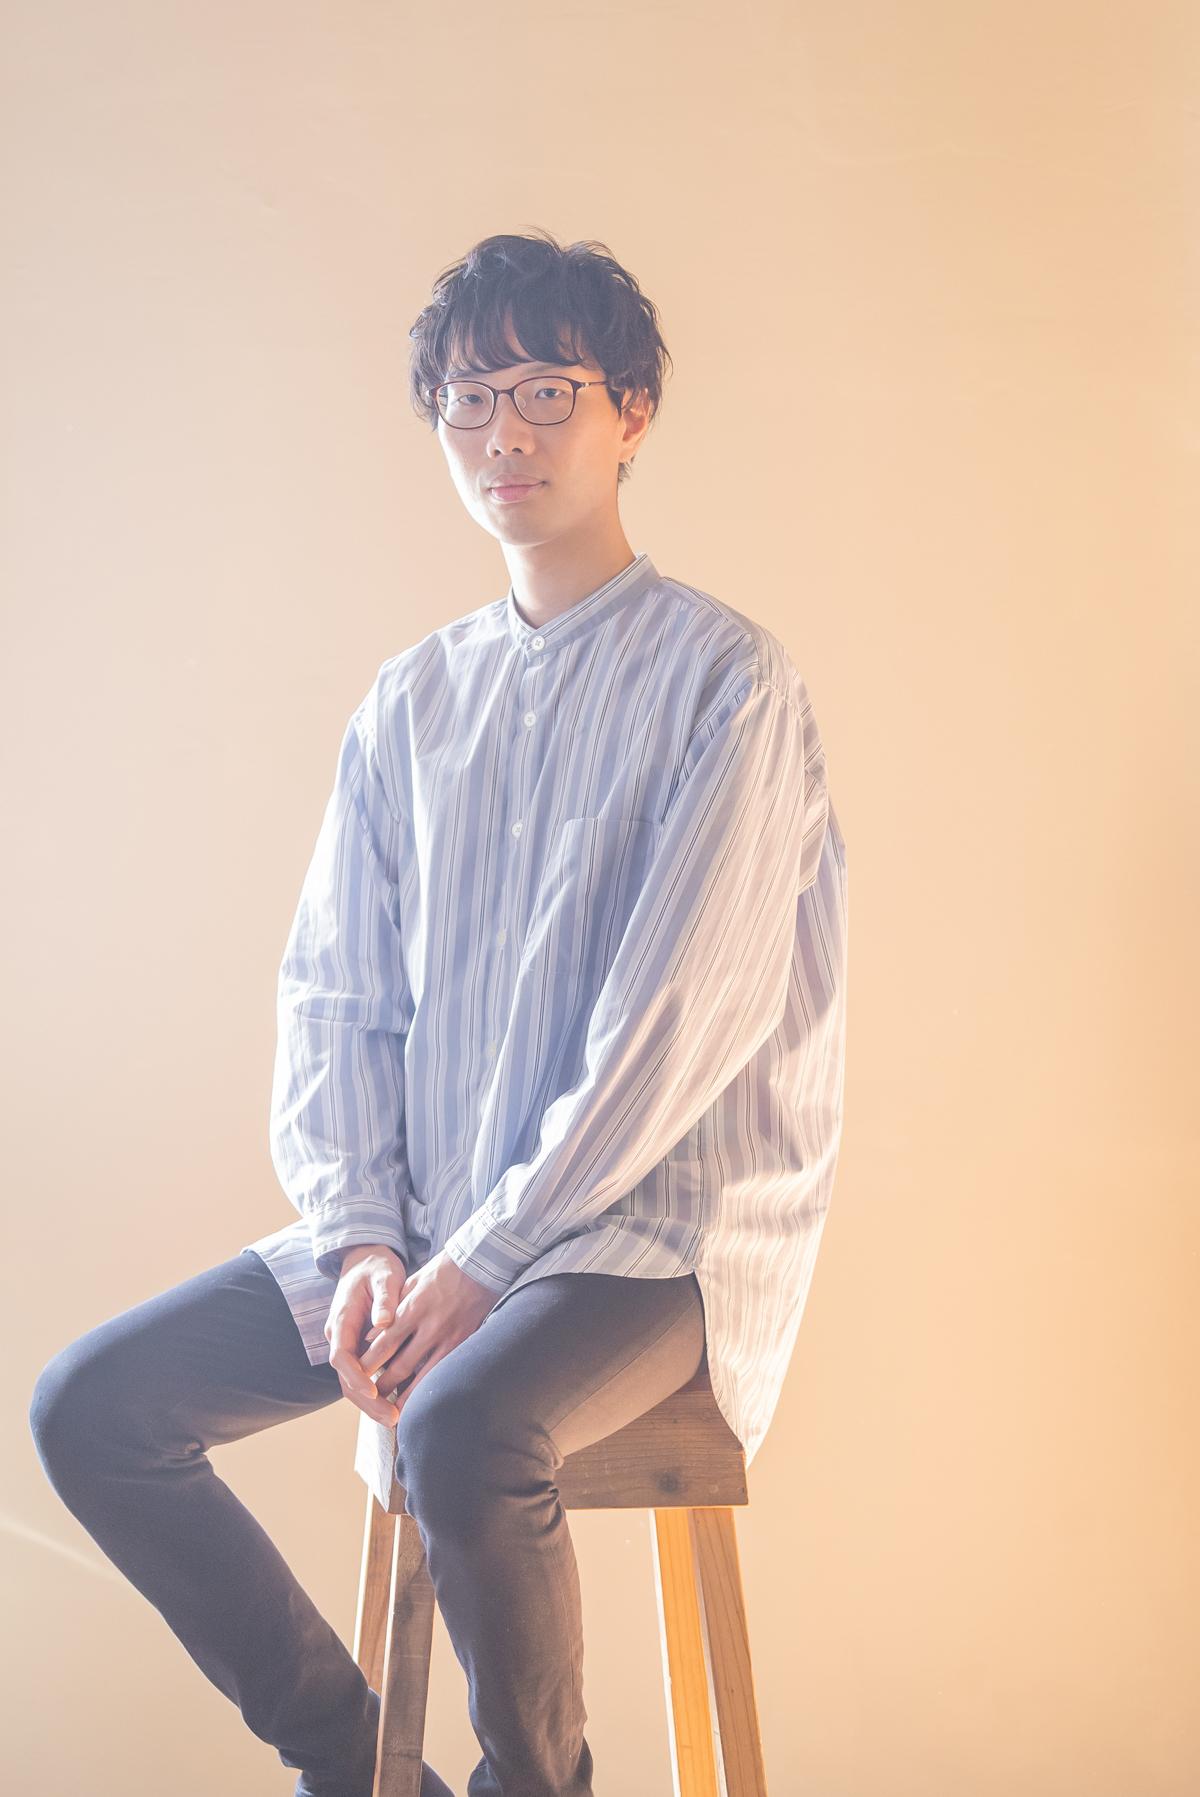 広島のフォトスタジオ「記念写真館SUNNY」プロフィール写真